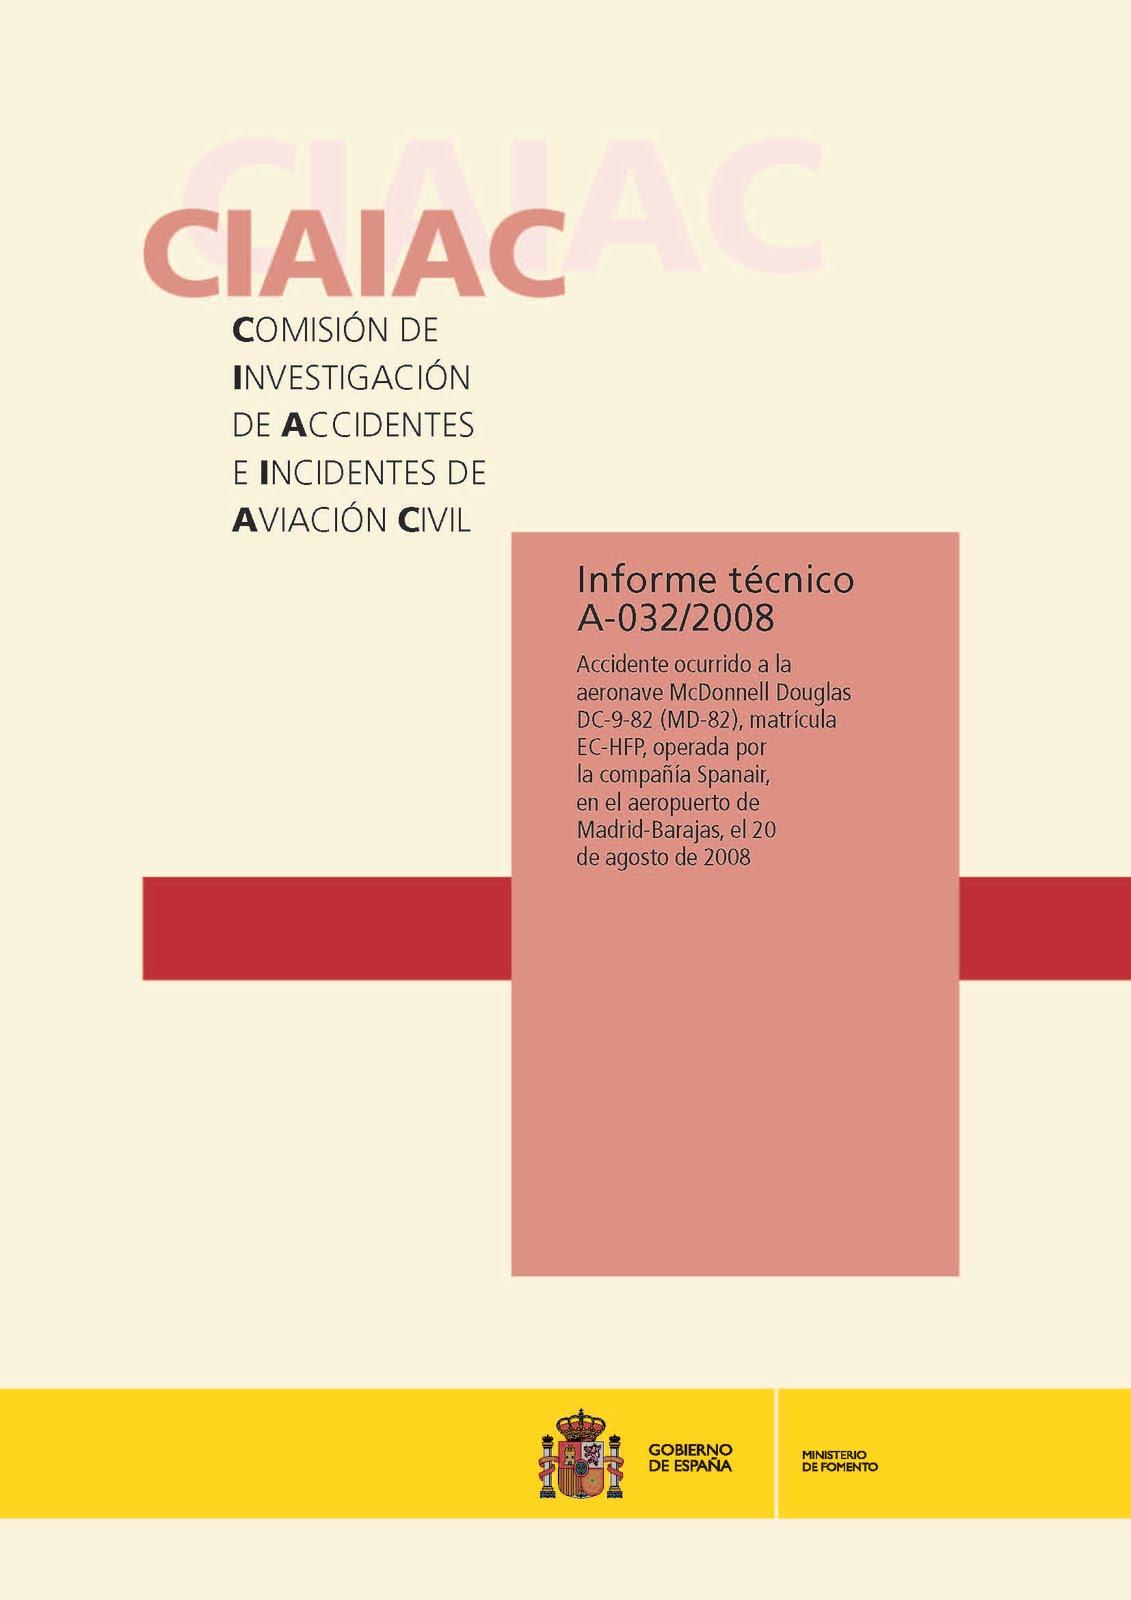 Informe técnico 032/2008 CIAIAC